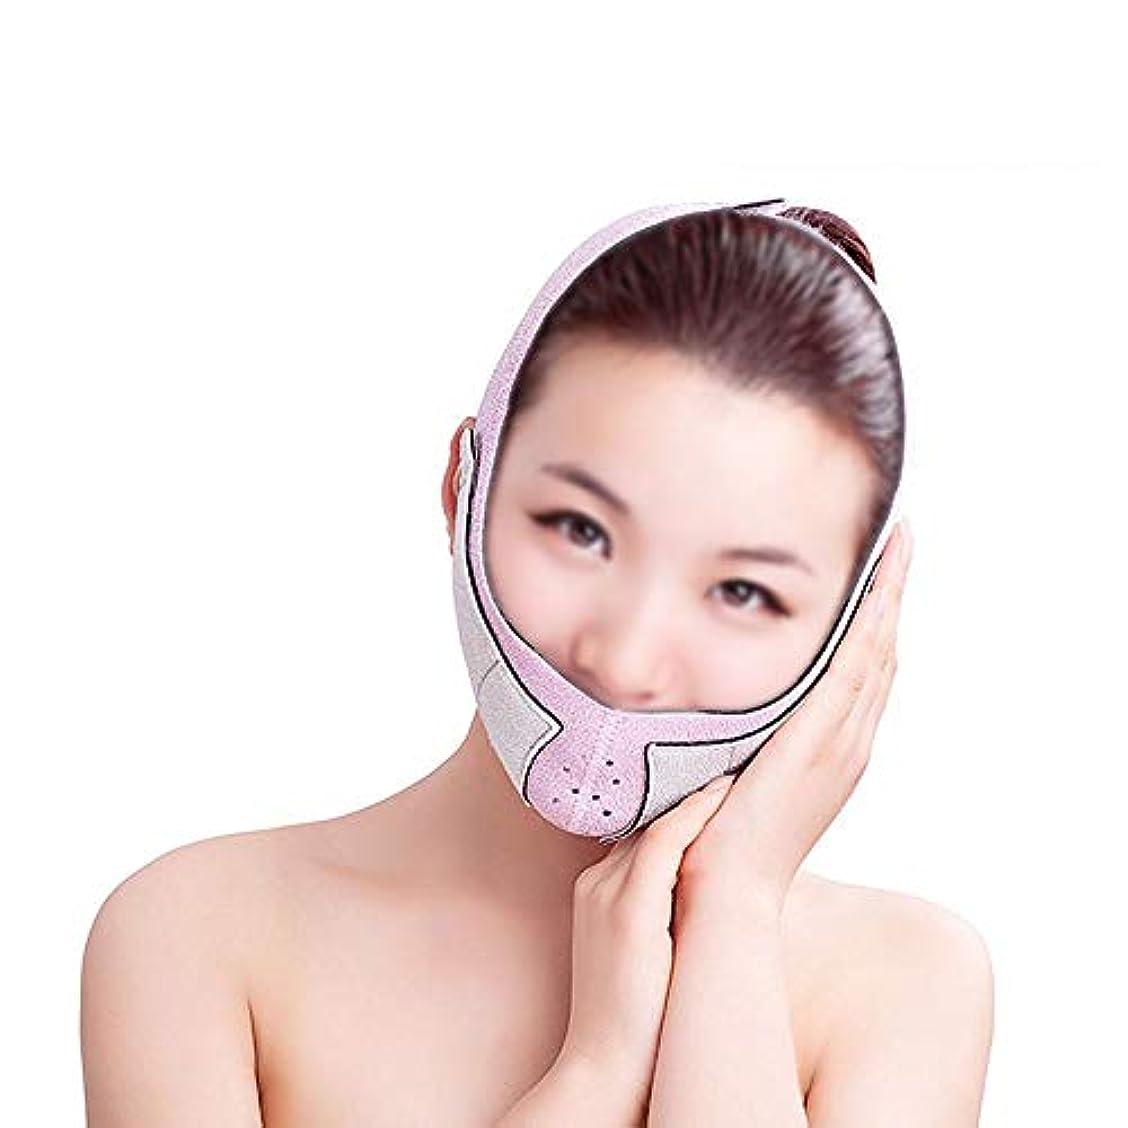 貴重なファンド対抗TLMY 薄い顔マスク痩身ベルト薄い顔マスク強力なアップグレード小さいV顔薄い顔包帯美容顔デバイス 顔用整形マスク